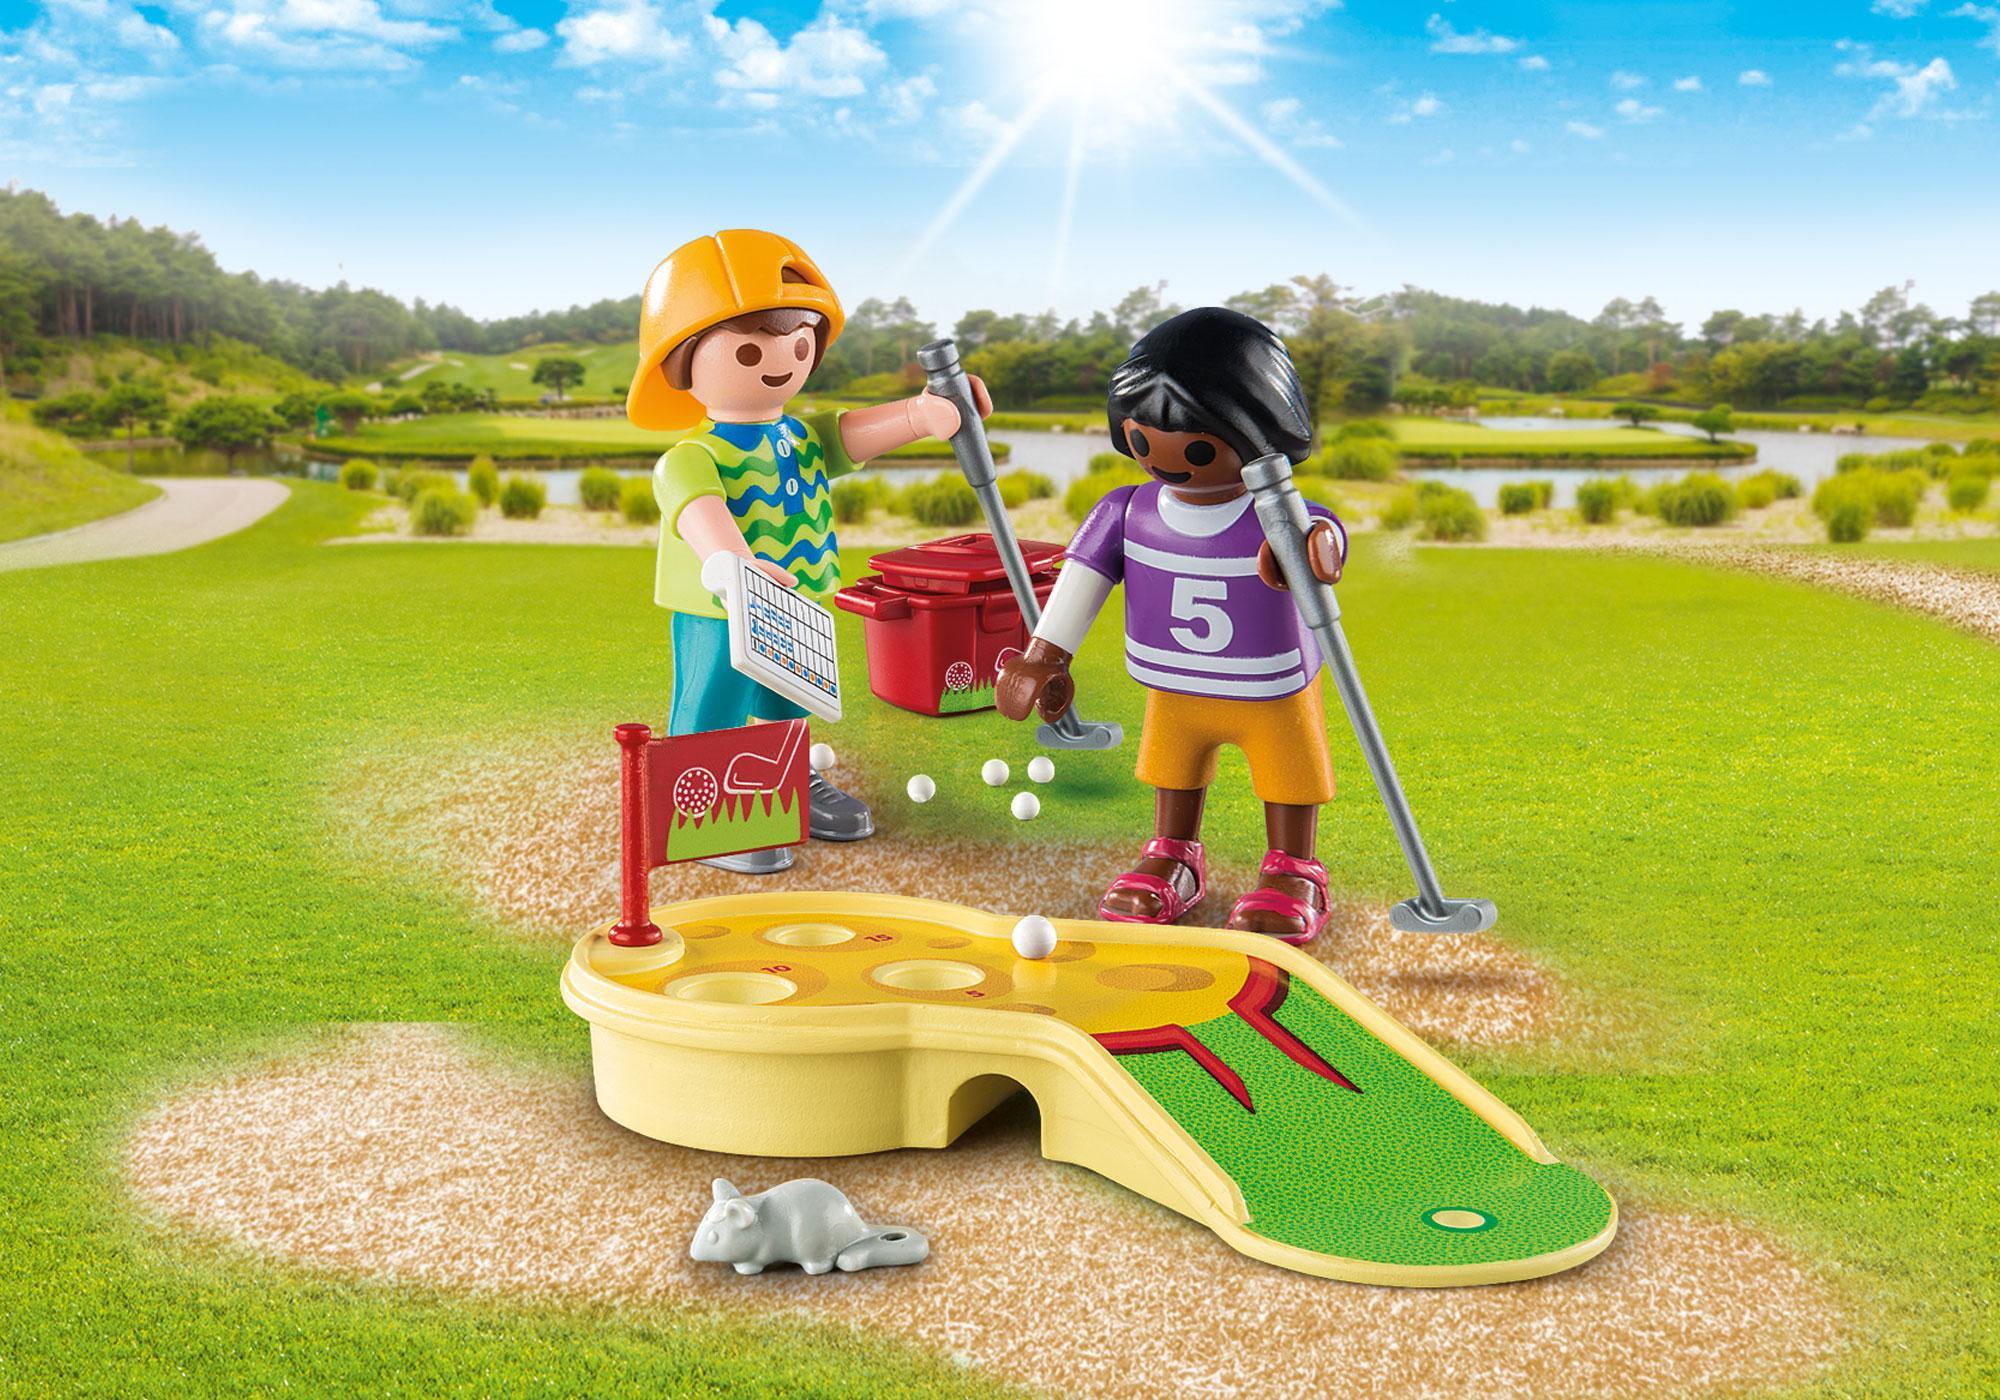 9439_product_detail/Children Minigolfing